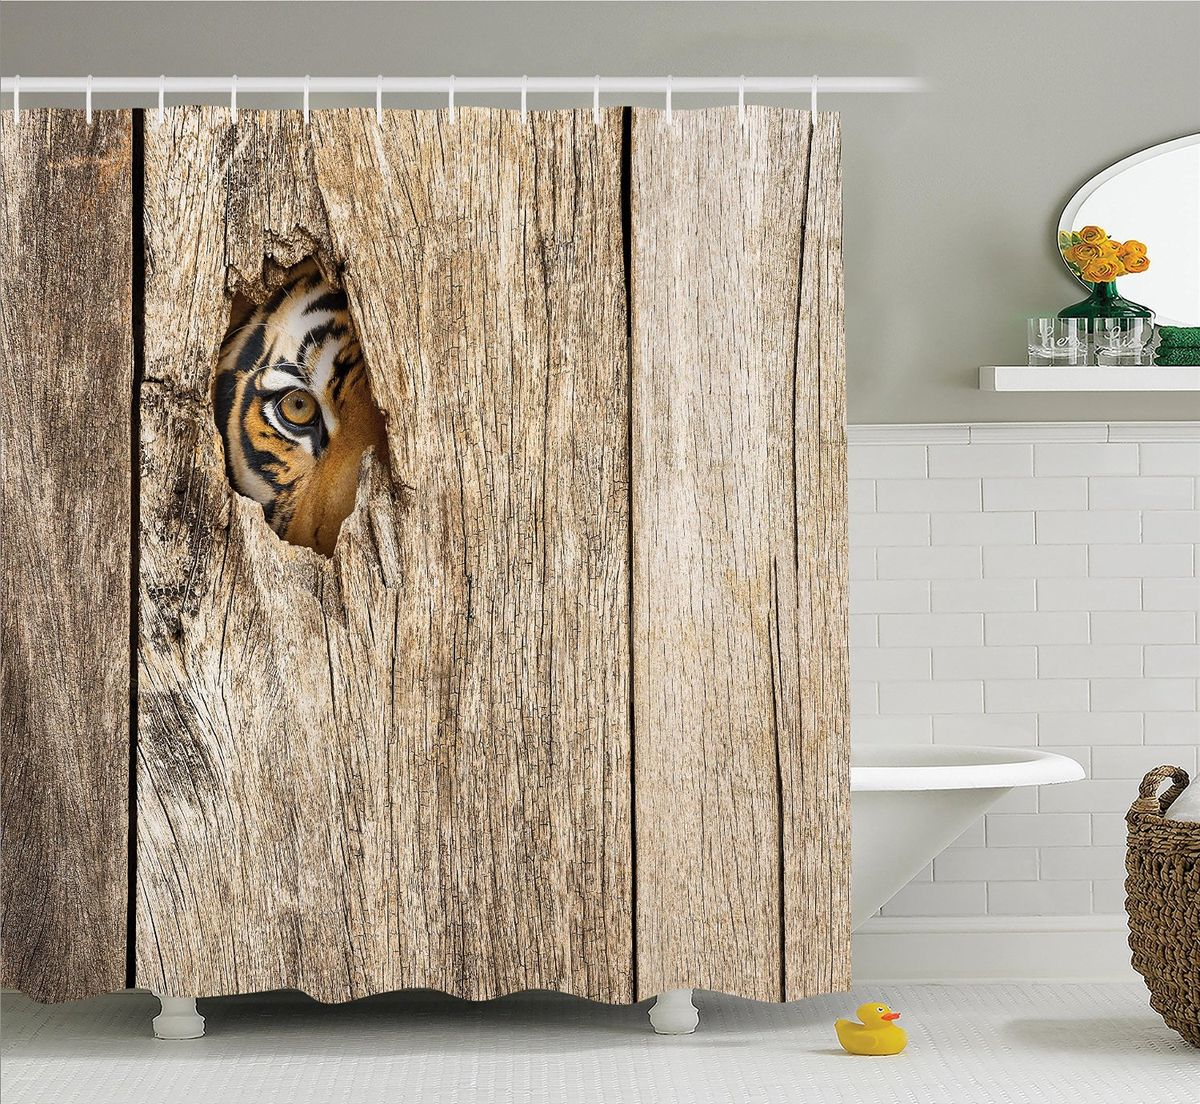 Штора для ванной комнаты Magic Lady Любопытный тигр, 180 х 200 смшв_12725Штора для ванной комнаты Magic Lady выполнены из высококачественного сатена (полиэстер 100%). При изготовлении используются специальные гипоаллергенные чернила для прямой печати по ткани, безопасные для человека и животных. Экологичность продукции и безопасность для окружающей среды подтверждены сертификатом Oeko-Tex Standard 100. Крепление: крючки (12 шт). Внимание! При нанесении сублимационной печати на ткань технологическим методом при температуре 240 С, возможно отклонение полученных размеров, указанных на этикетке и сайте, от стандартных на + - 3-5 см). Размер шторы: 180 х 200 см. В комплекте 1 штора и 12 крючков.